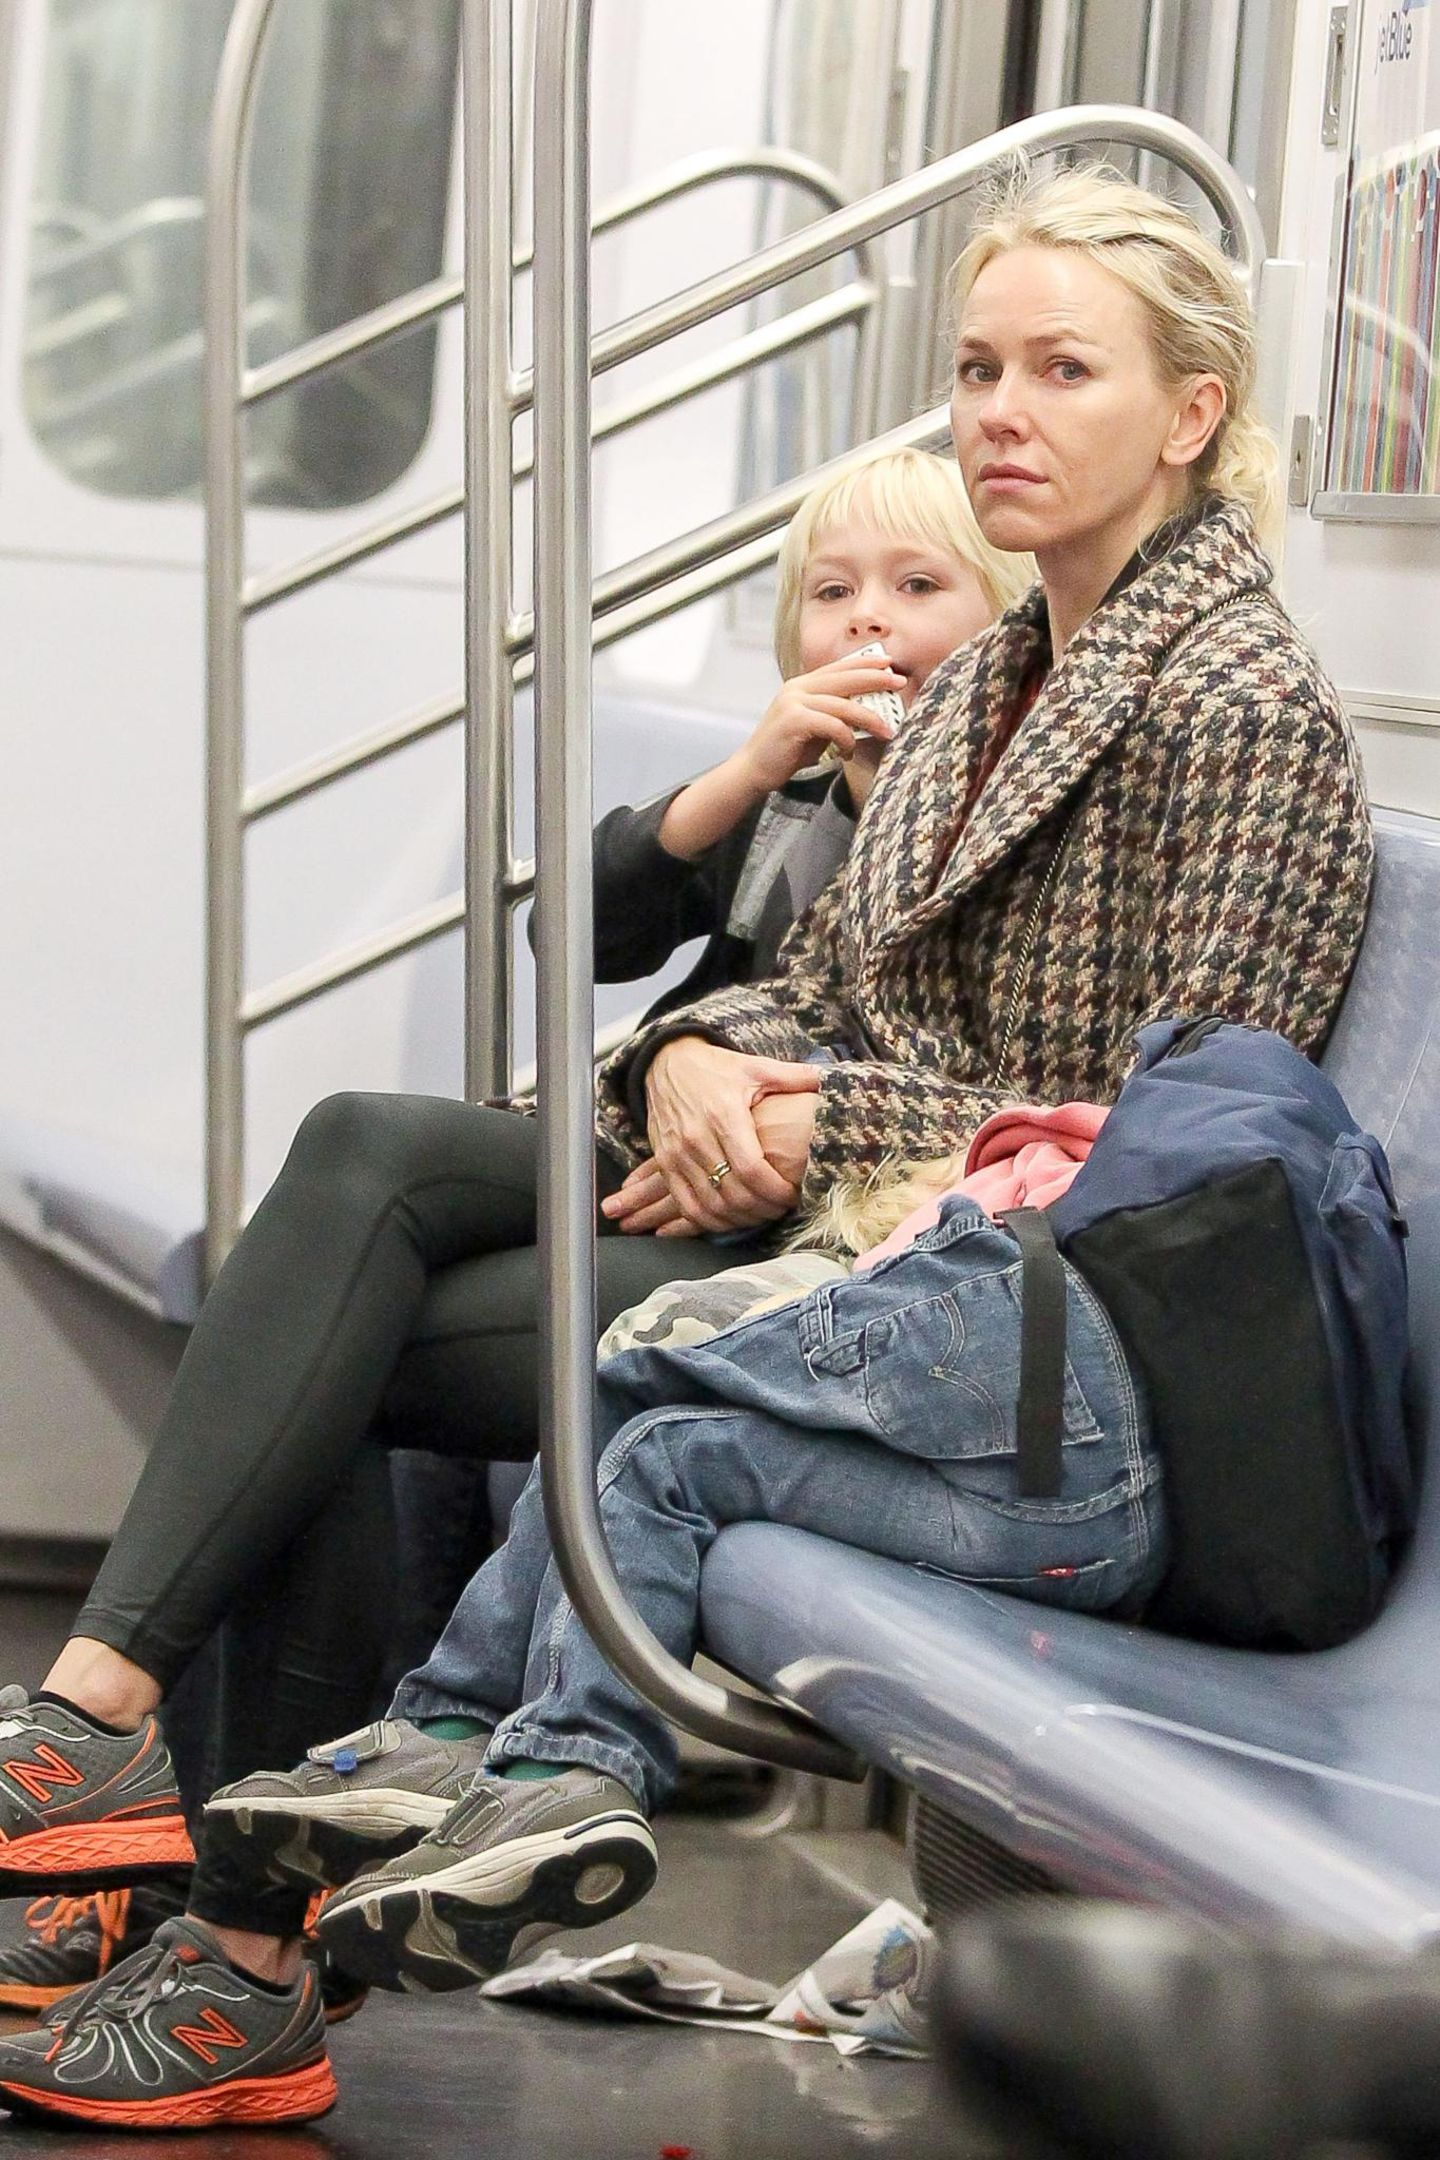 Naomi Watts liebt die Abwechslung: Sie bringt ihre Kinder mal zu Fuß, mal mit dem Rad oder eben mit der Bahn zur Schule.